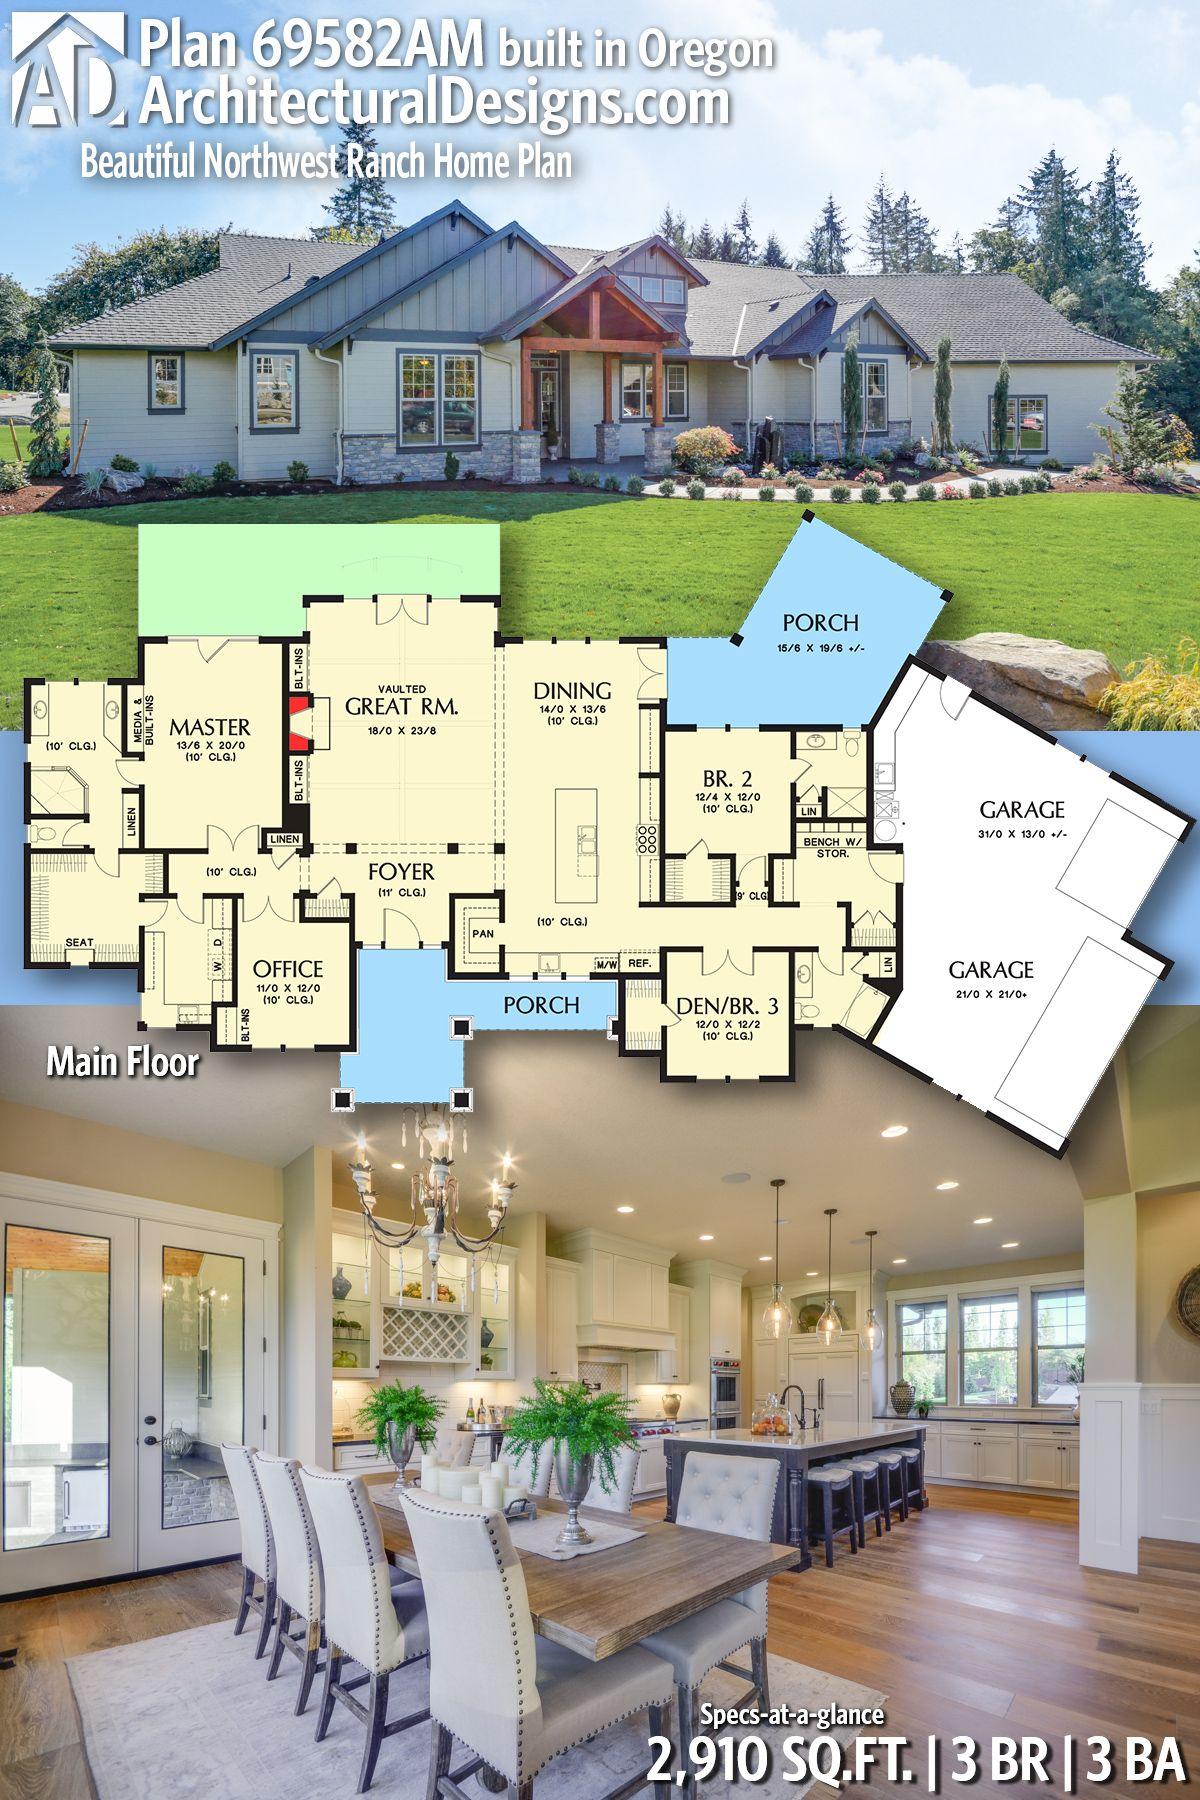 Architectural Designs House Plan 69582AM Client Built In Oregon | 3 BR | 3  BA